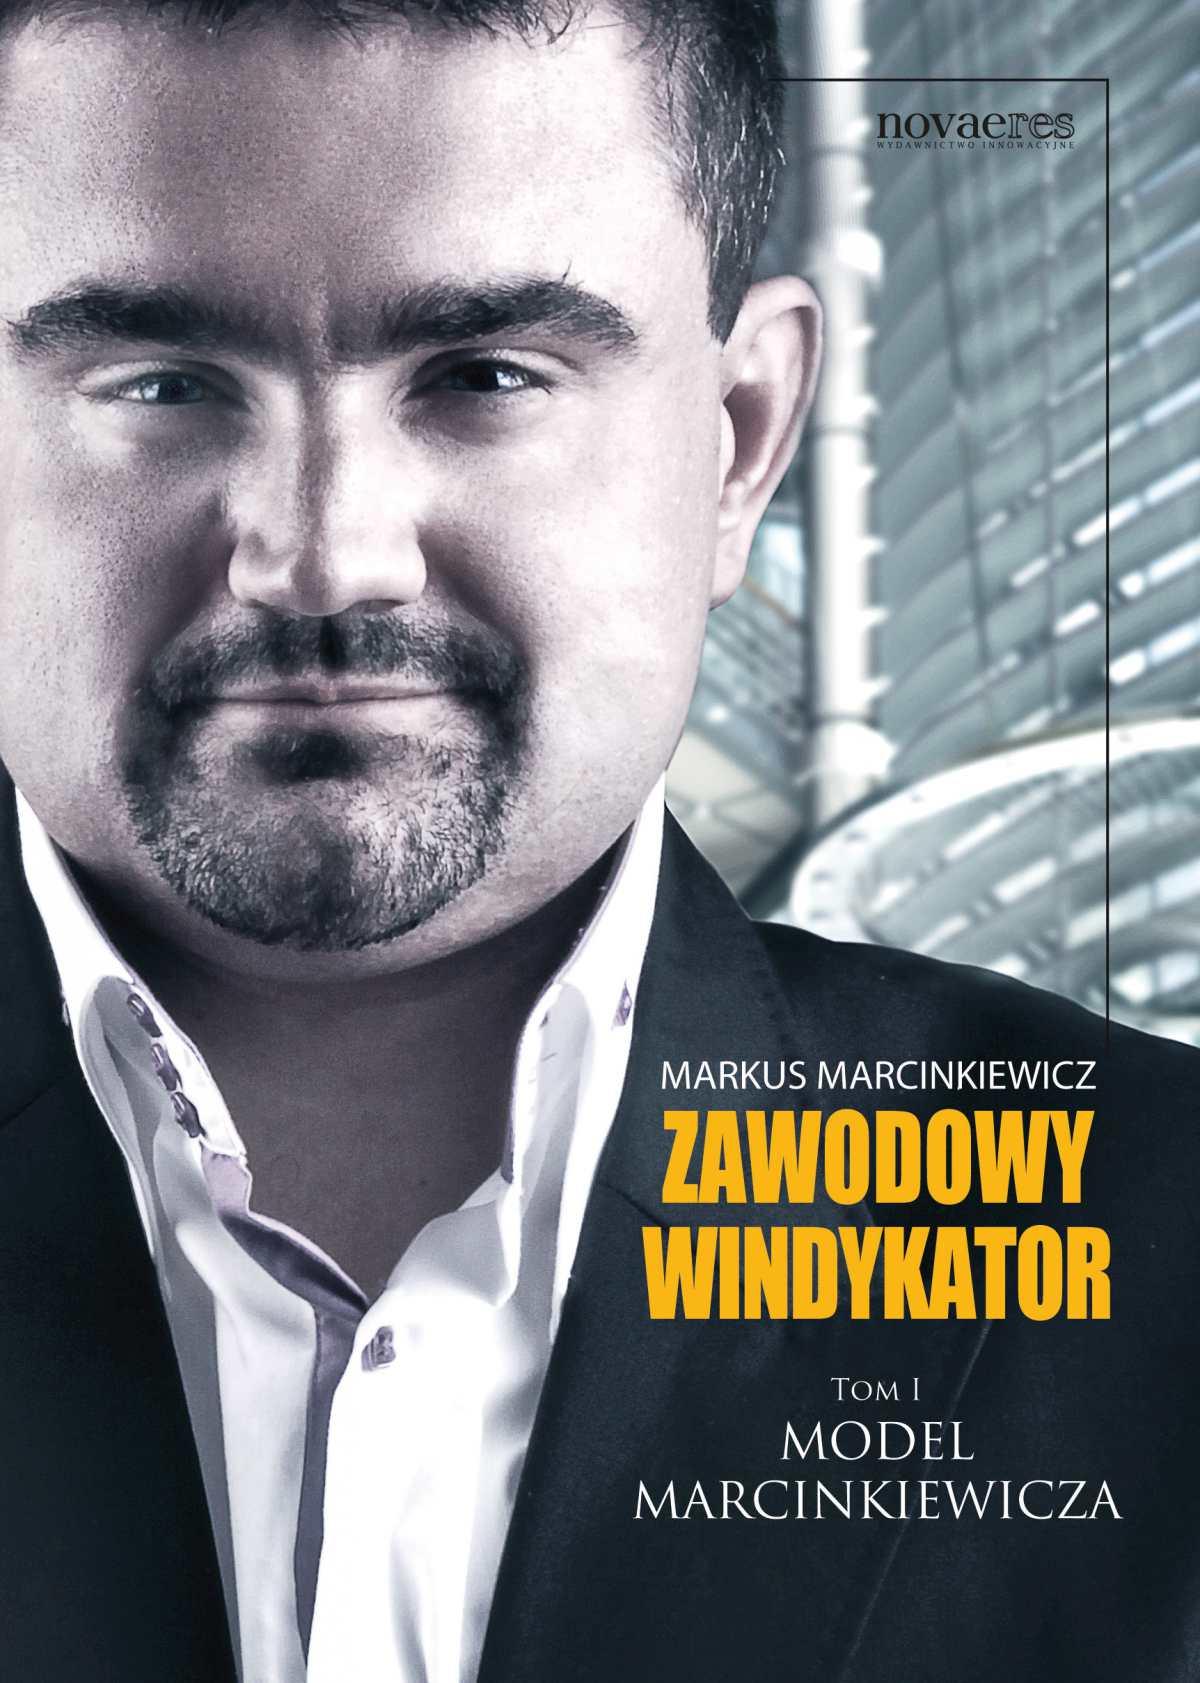 Zawodowy windykator. Tom I. Model Marcinkiewicza - Ebook (Książka na Kindle) do pobrania w formacie MOBI